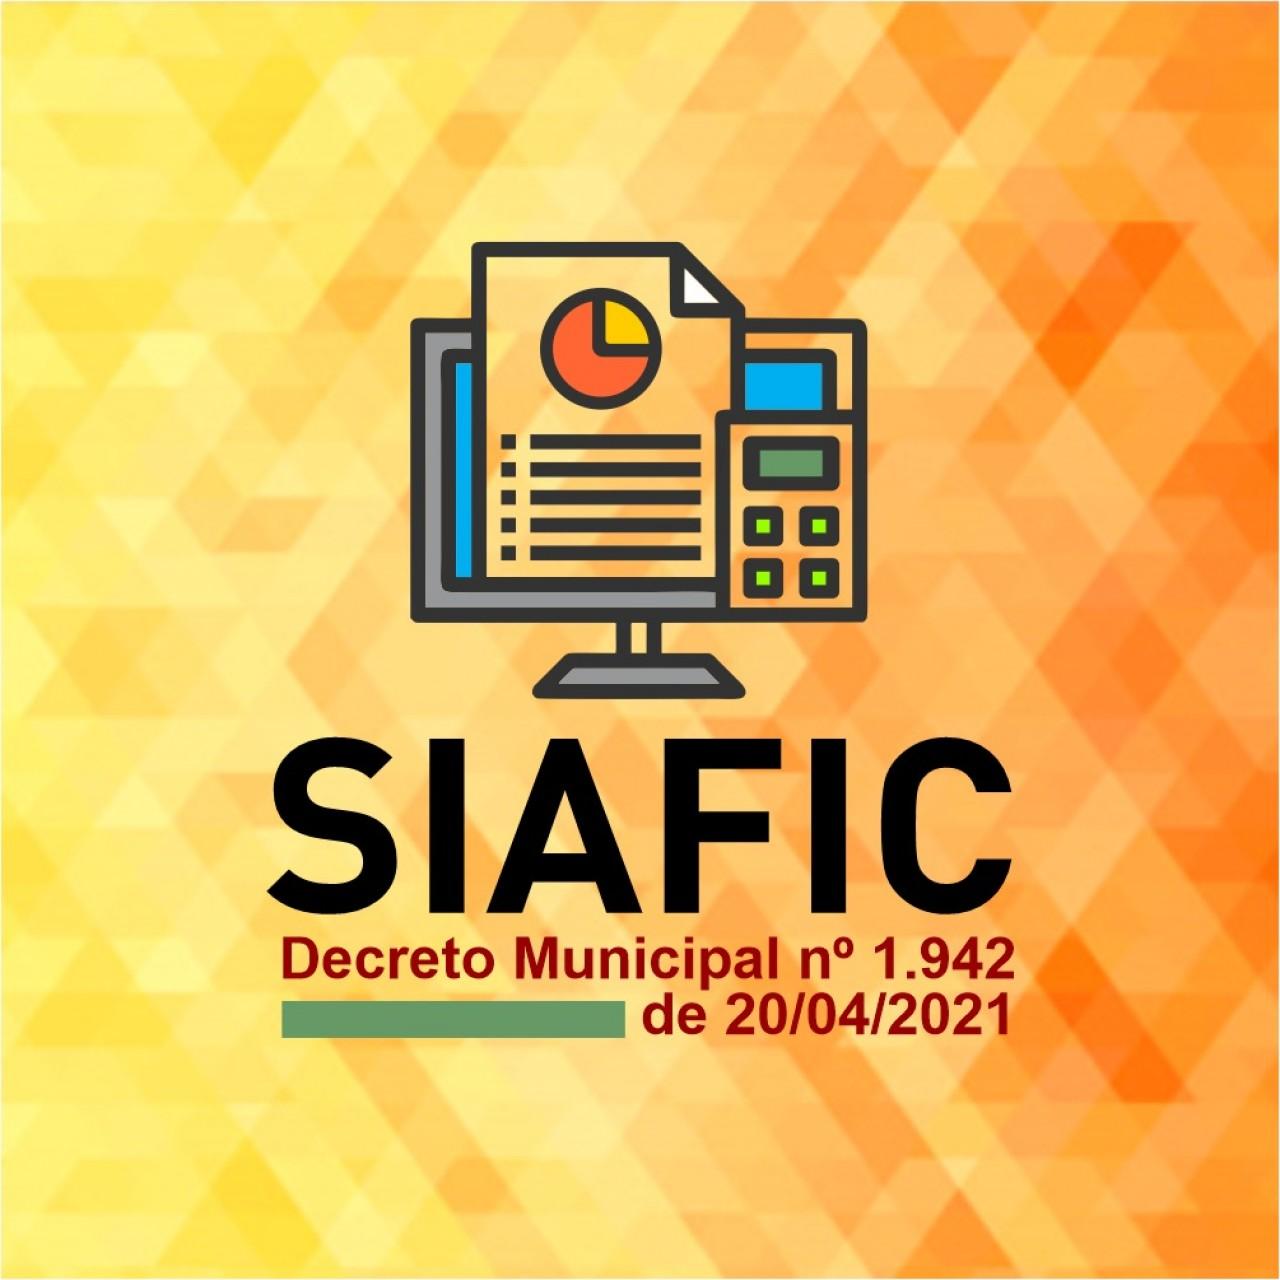 Plano de Ação para adequação ao Decreto Federal nº 10.540/2020 que tem por finalidade o atendimento de requisitos mínimos de qualidade do Sistema Único e Integrado de Execução Orçamentária, Administração Financeira e Controle (SIAFIC).